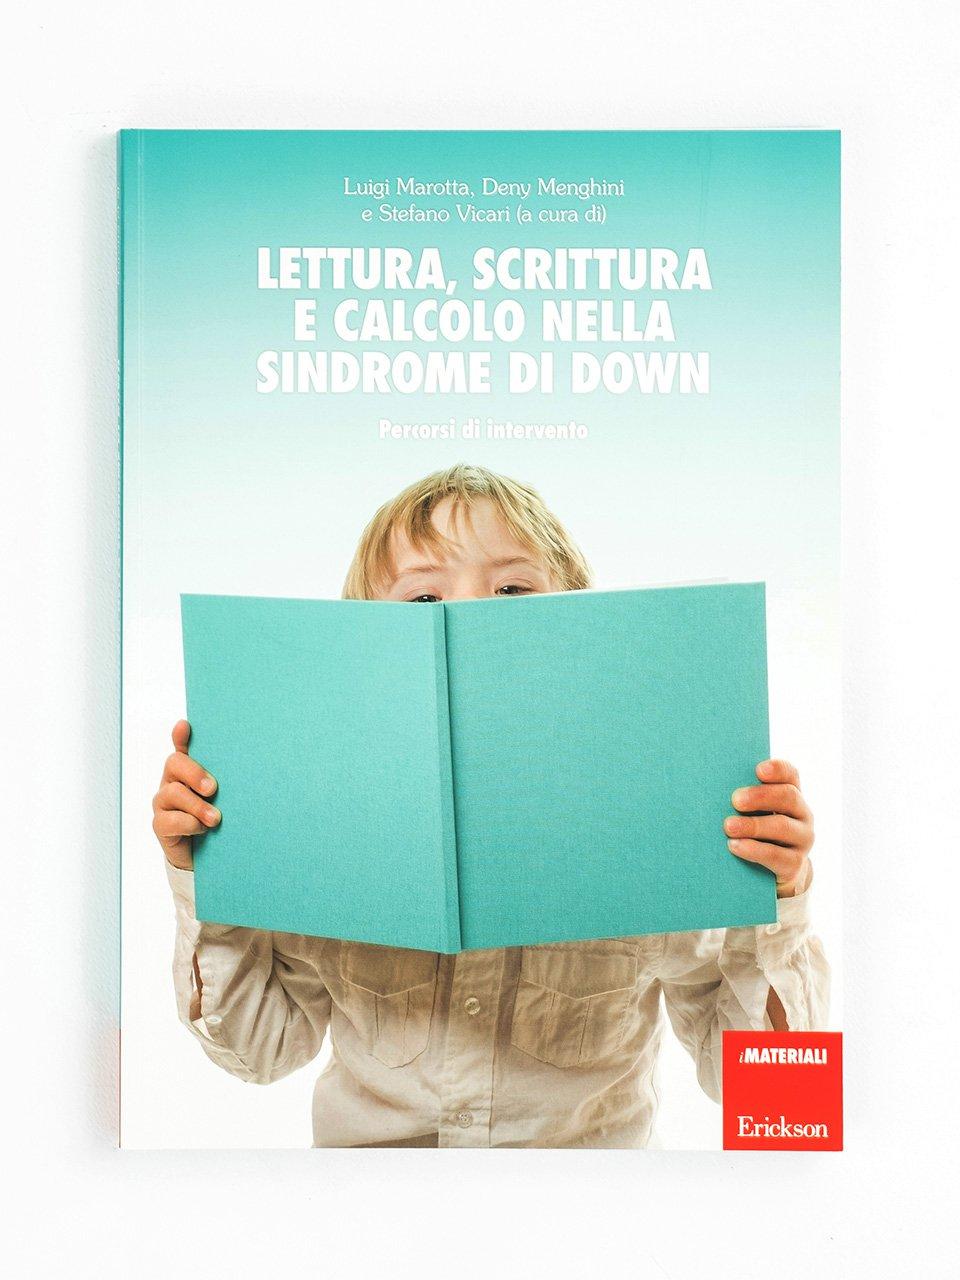 Lettura, scrittura e calcolo nella sindrome di Down - Laboratorio preposizioni articolate - Libri - Erickson